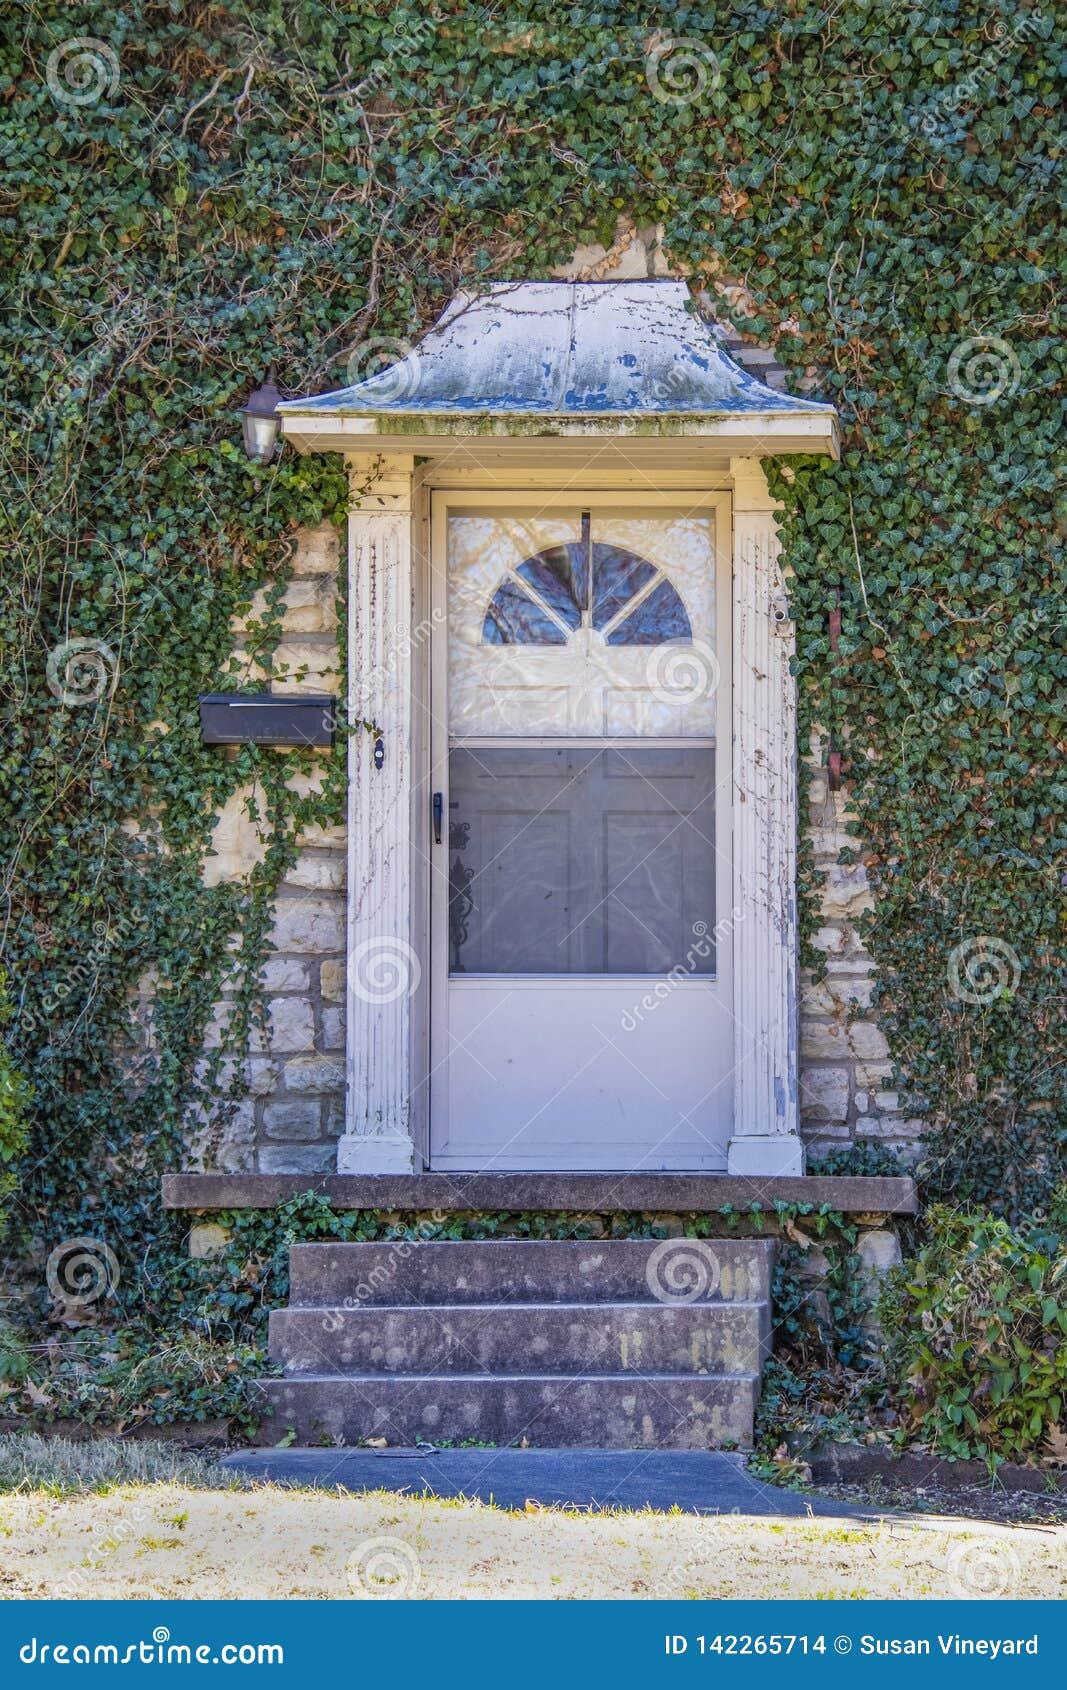 Η μπροστινή πόρτα με awning μετάλλων - παλαιό και φορημένος αλλά όμορφο - έθεσε καλυμμένο στο κισσός σπίτι βράχου - κινηματογράφη